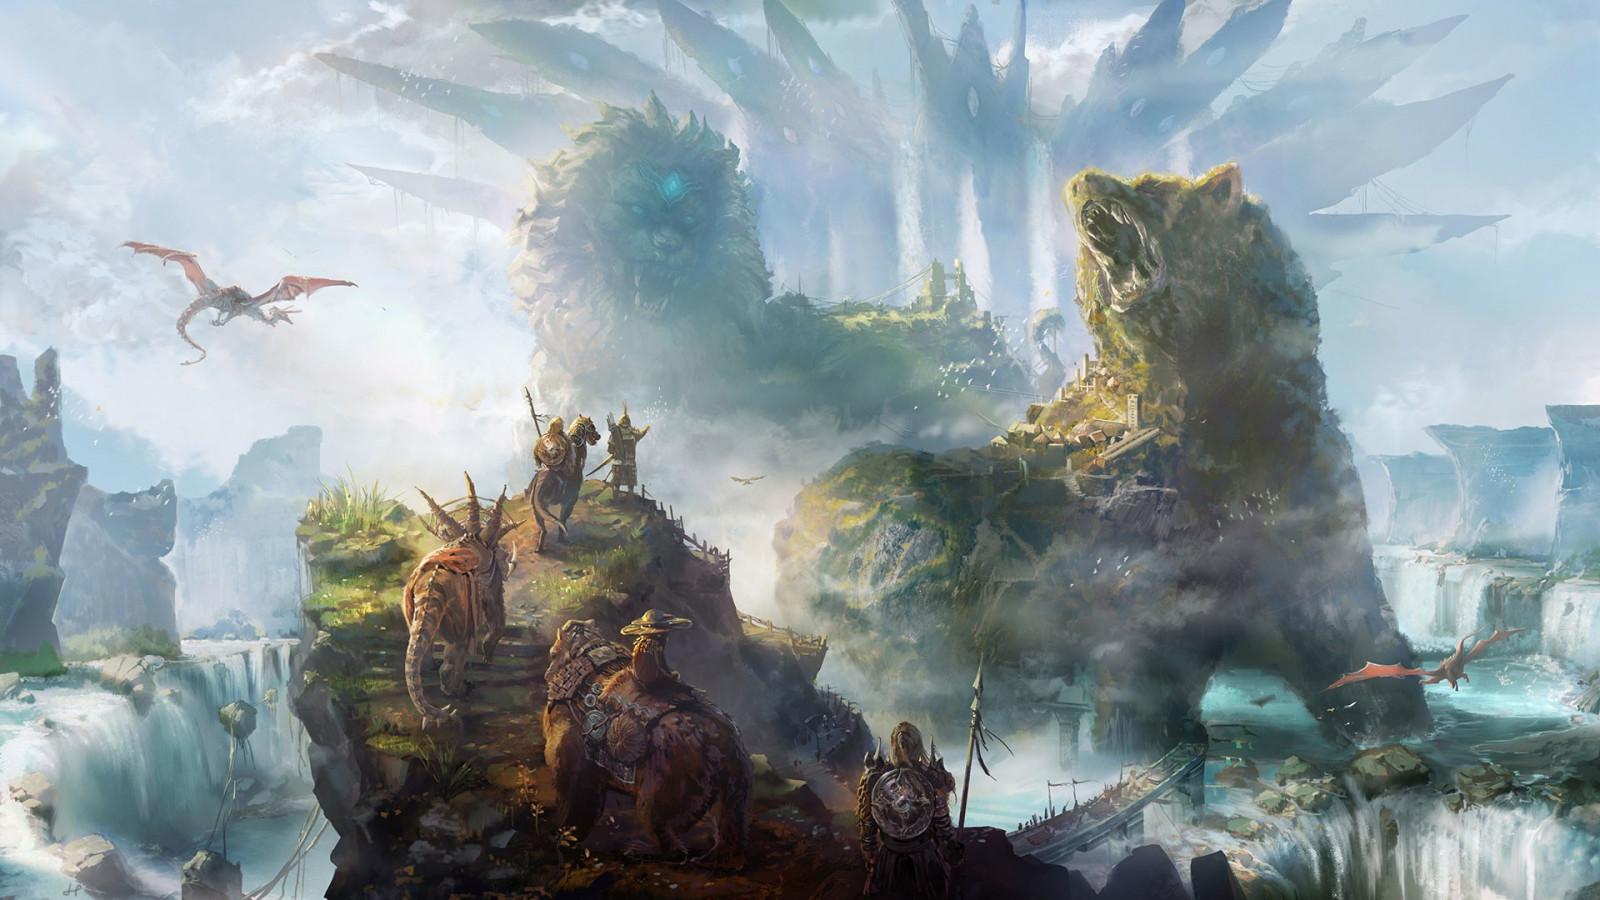 デスクトップ壁紙 ファンタジーアート 戦い 神話 地形